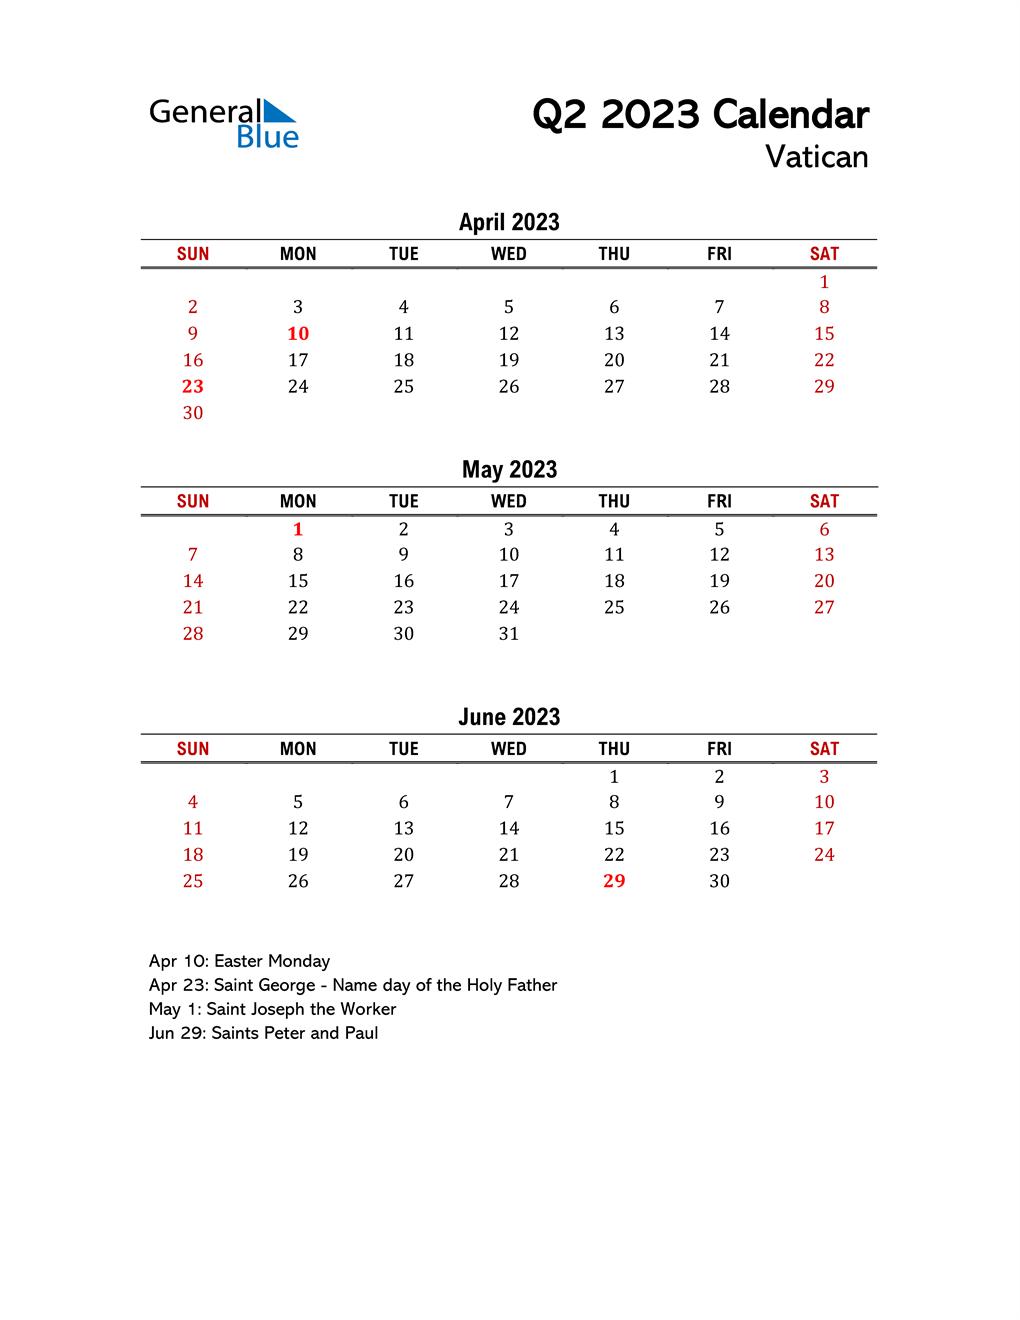 2023 Q2 Calendar with Holidays List